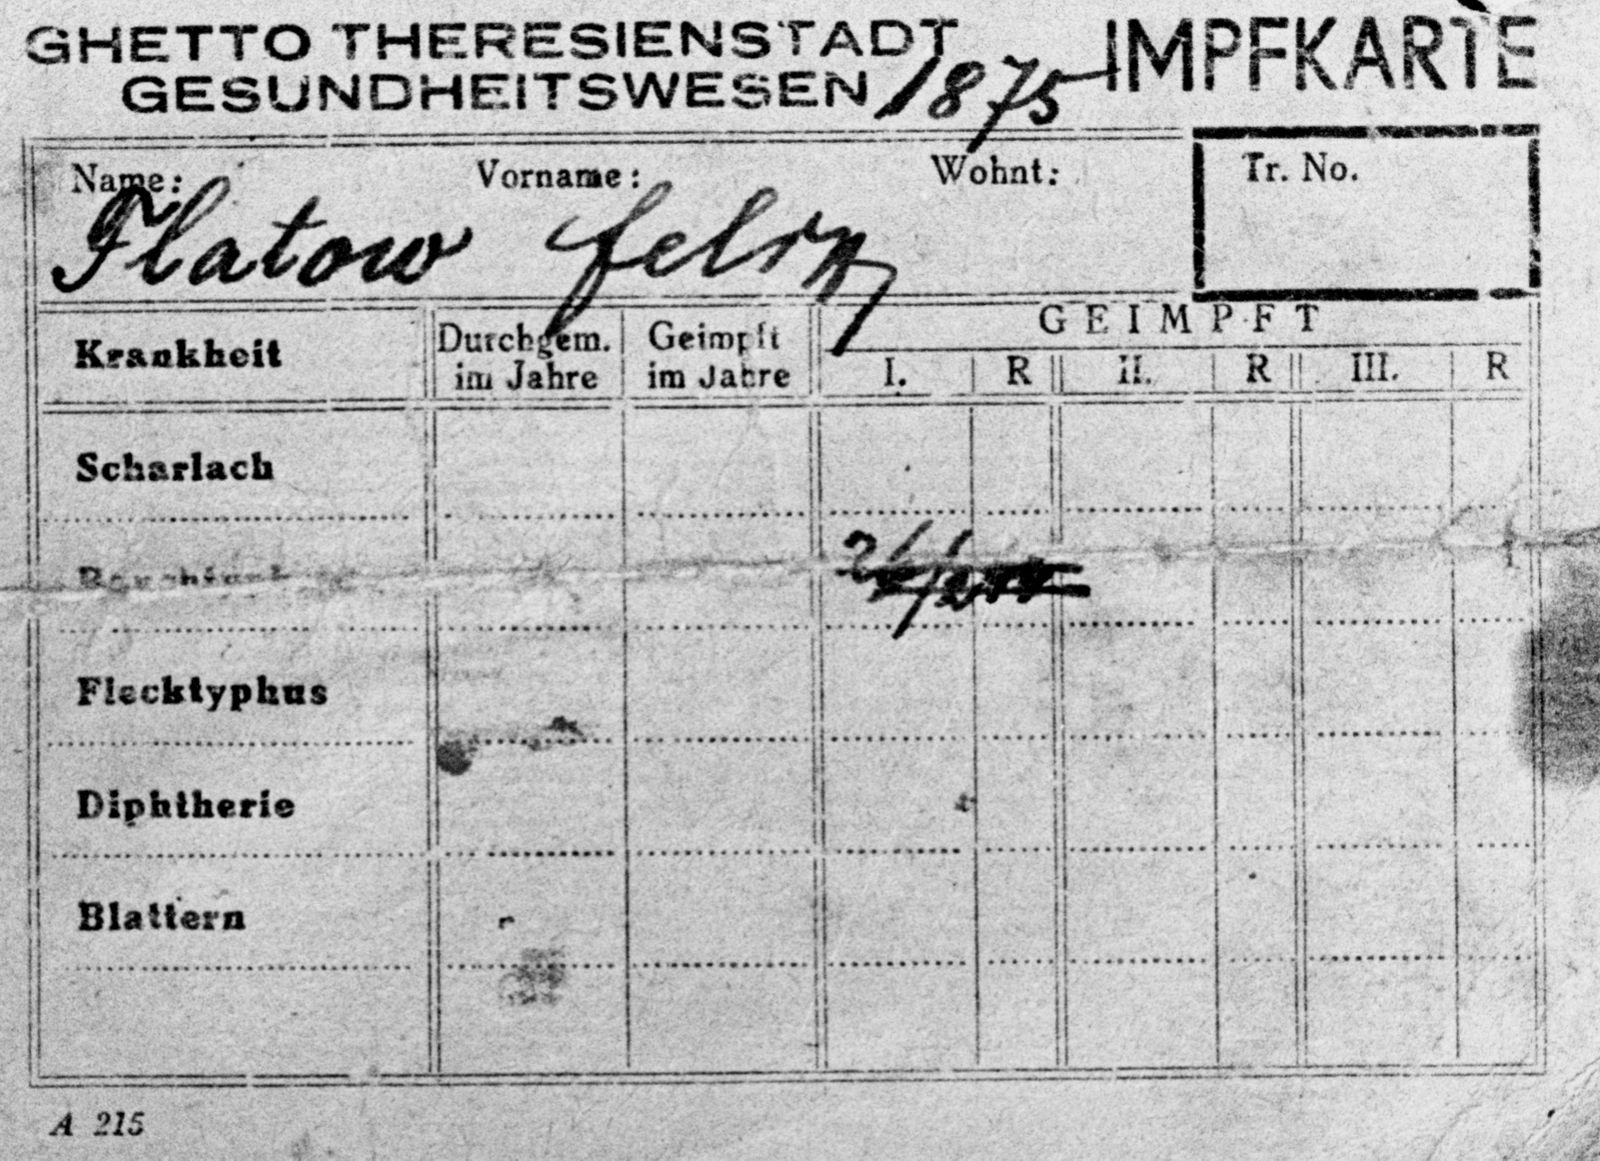 Impfkarte der Abteilung Gesundheitswesen der jüdischen Selbstverwaltung Theresienstadt für Felix Flatow